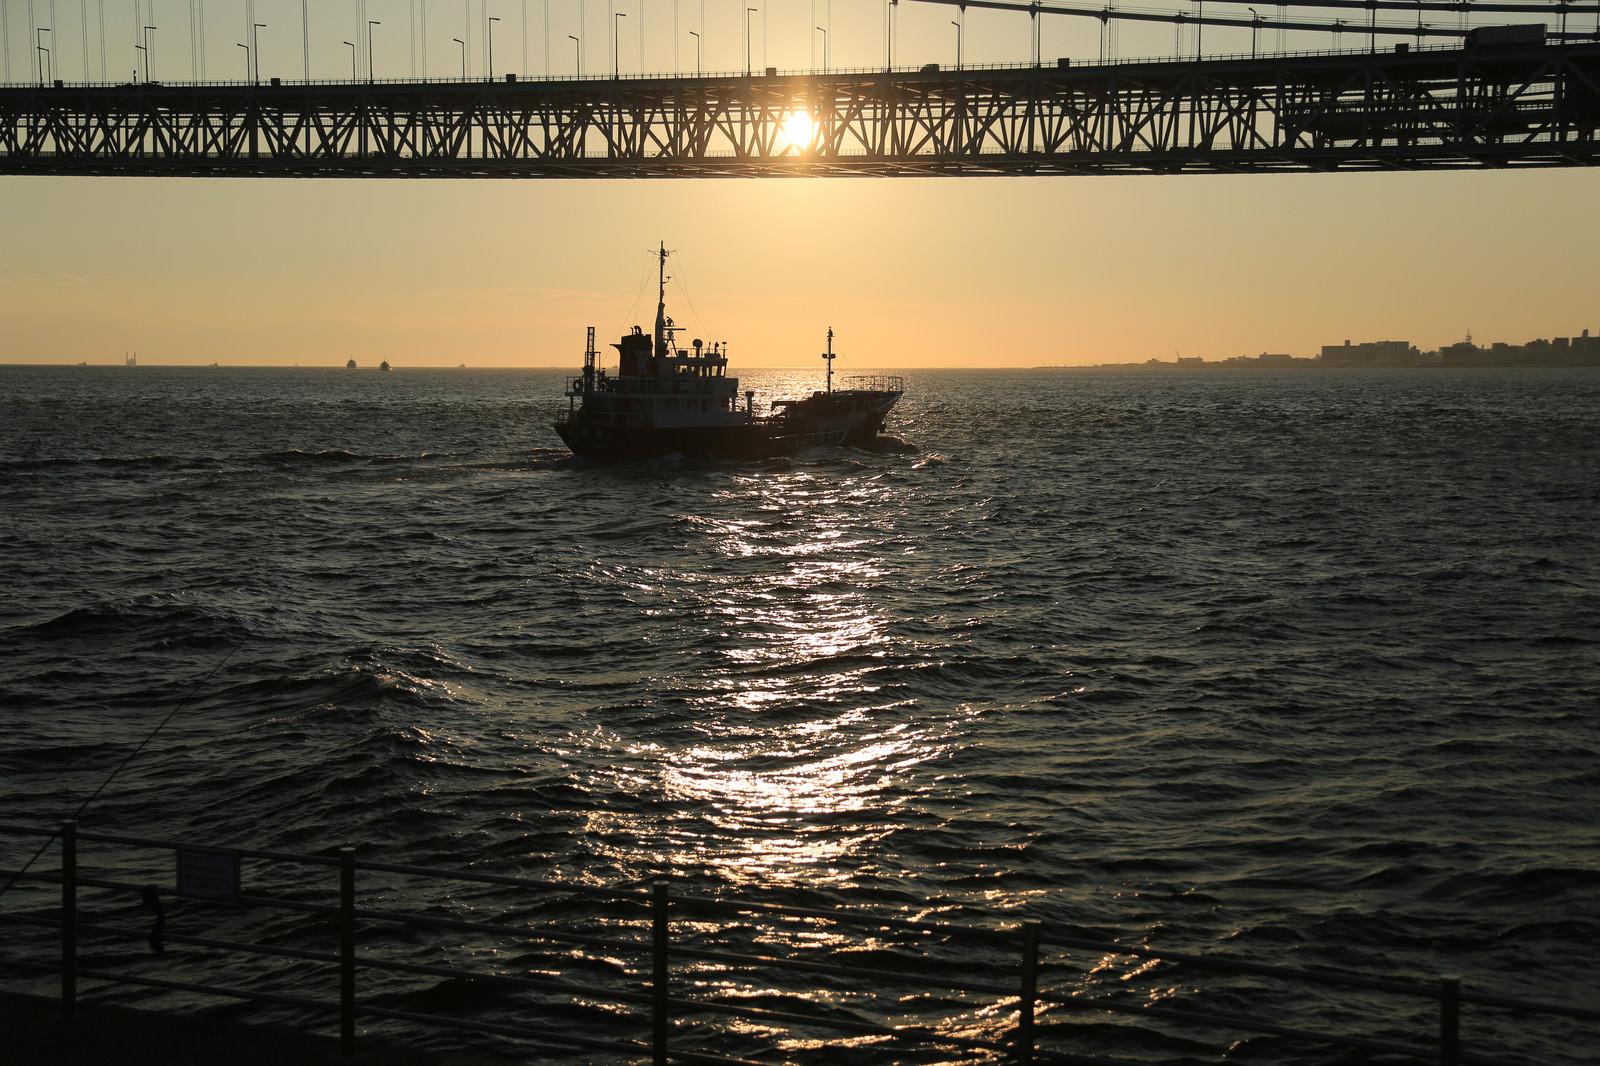 「夕焼けと小型船のシルエット」の写真